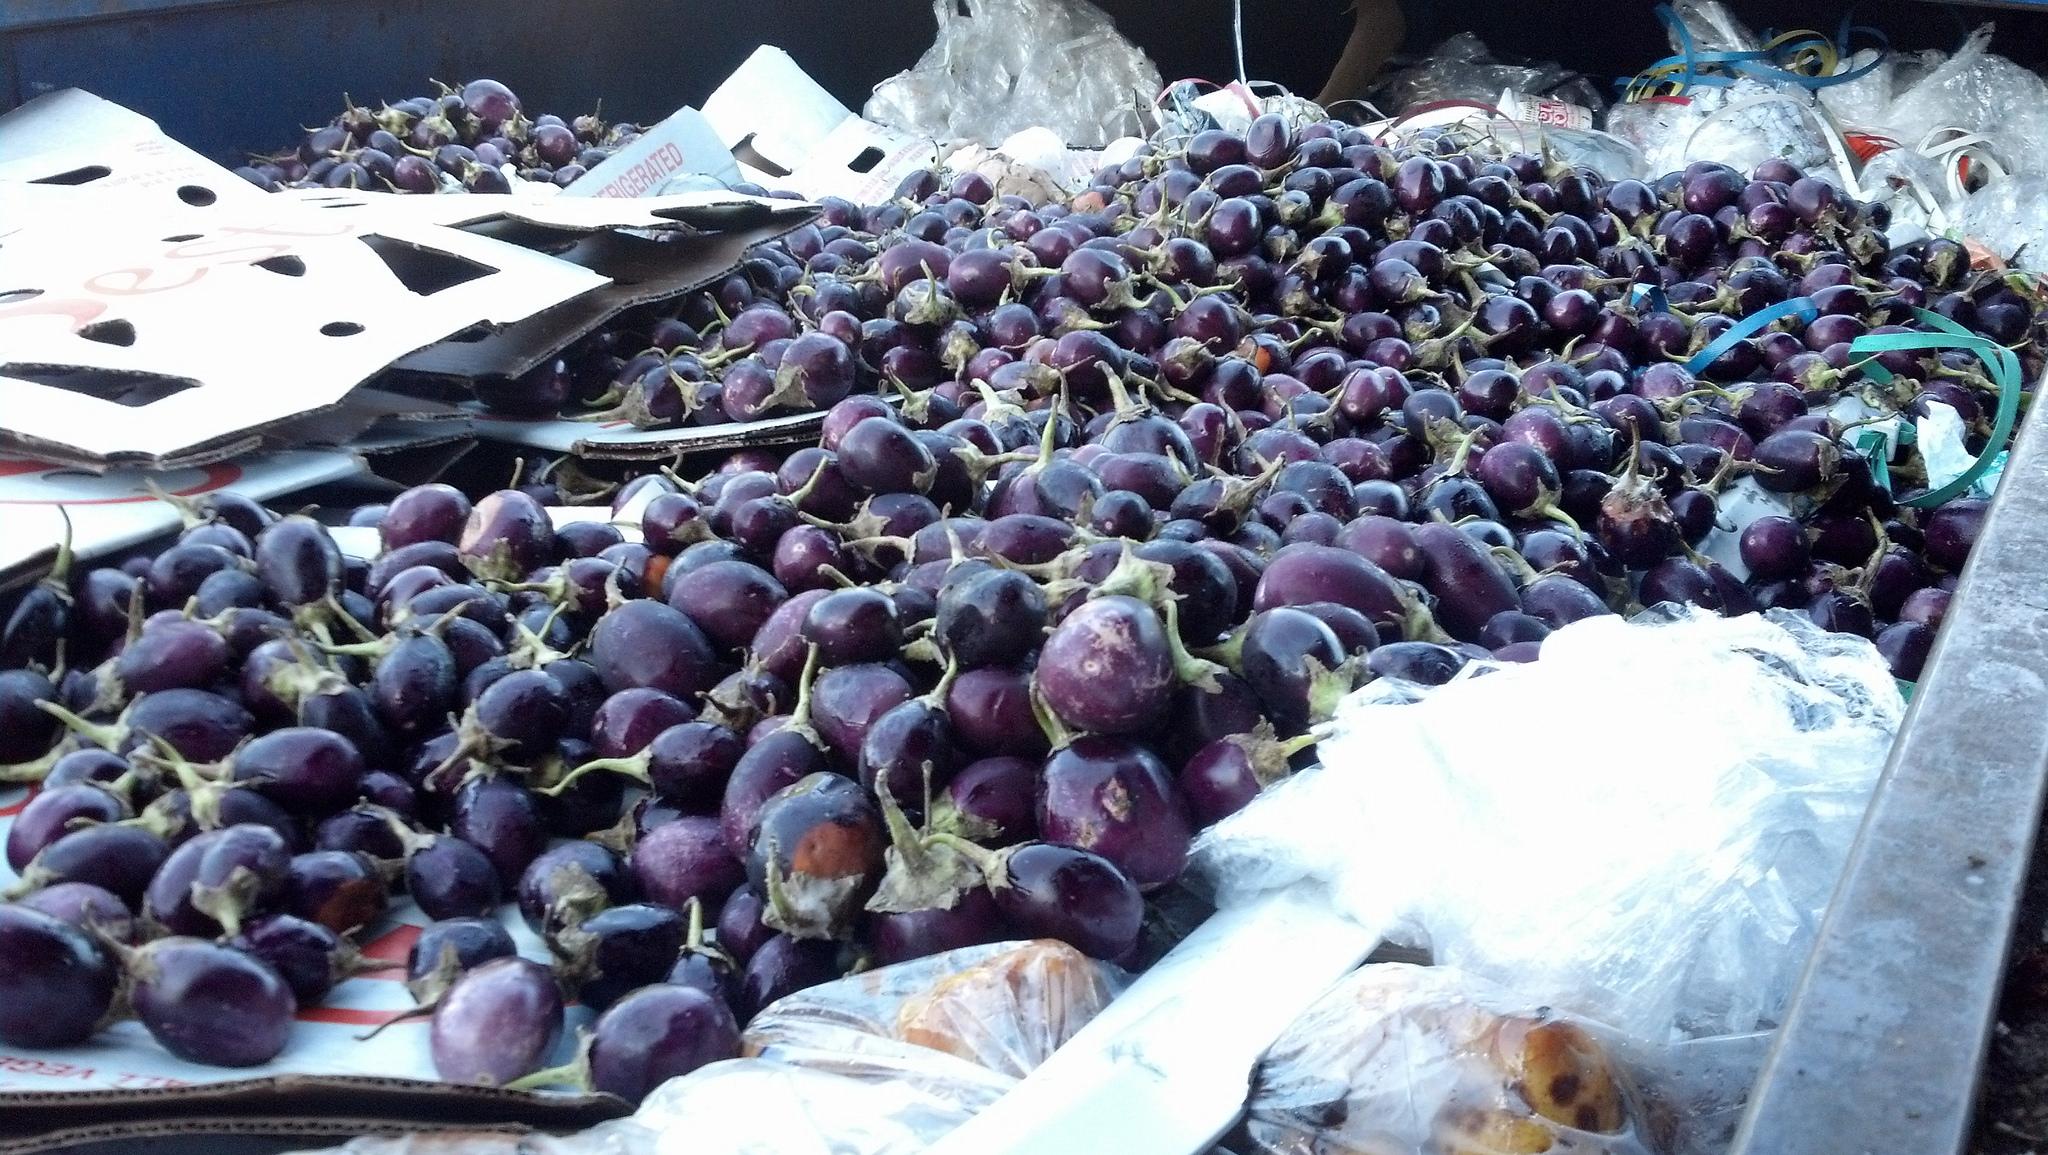 A Dumpster Full of Eggplant